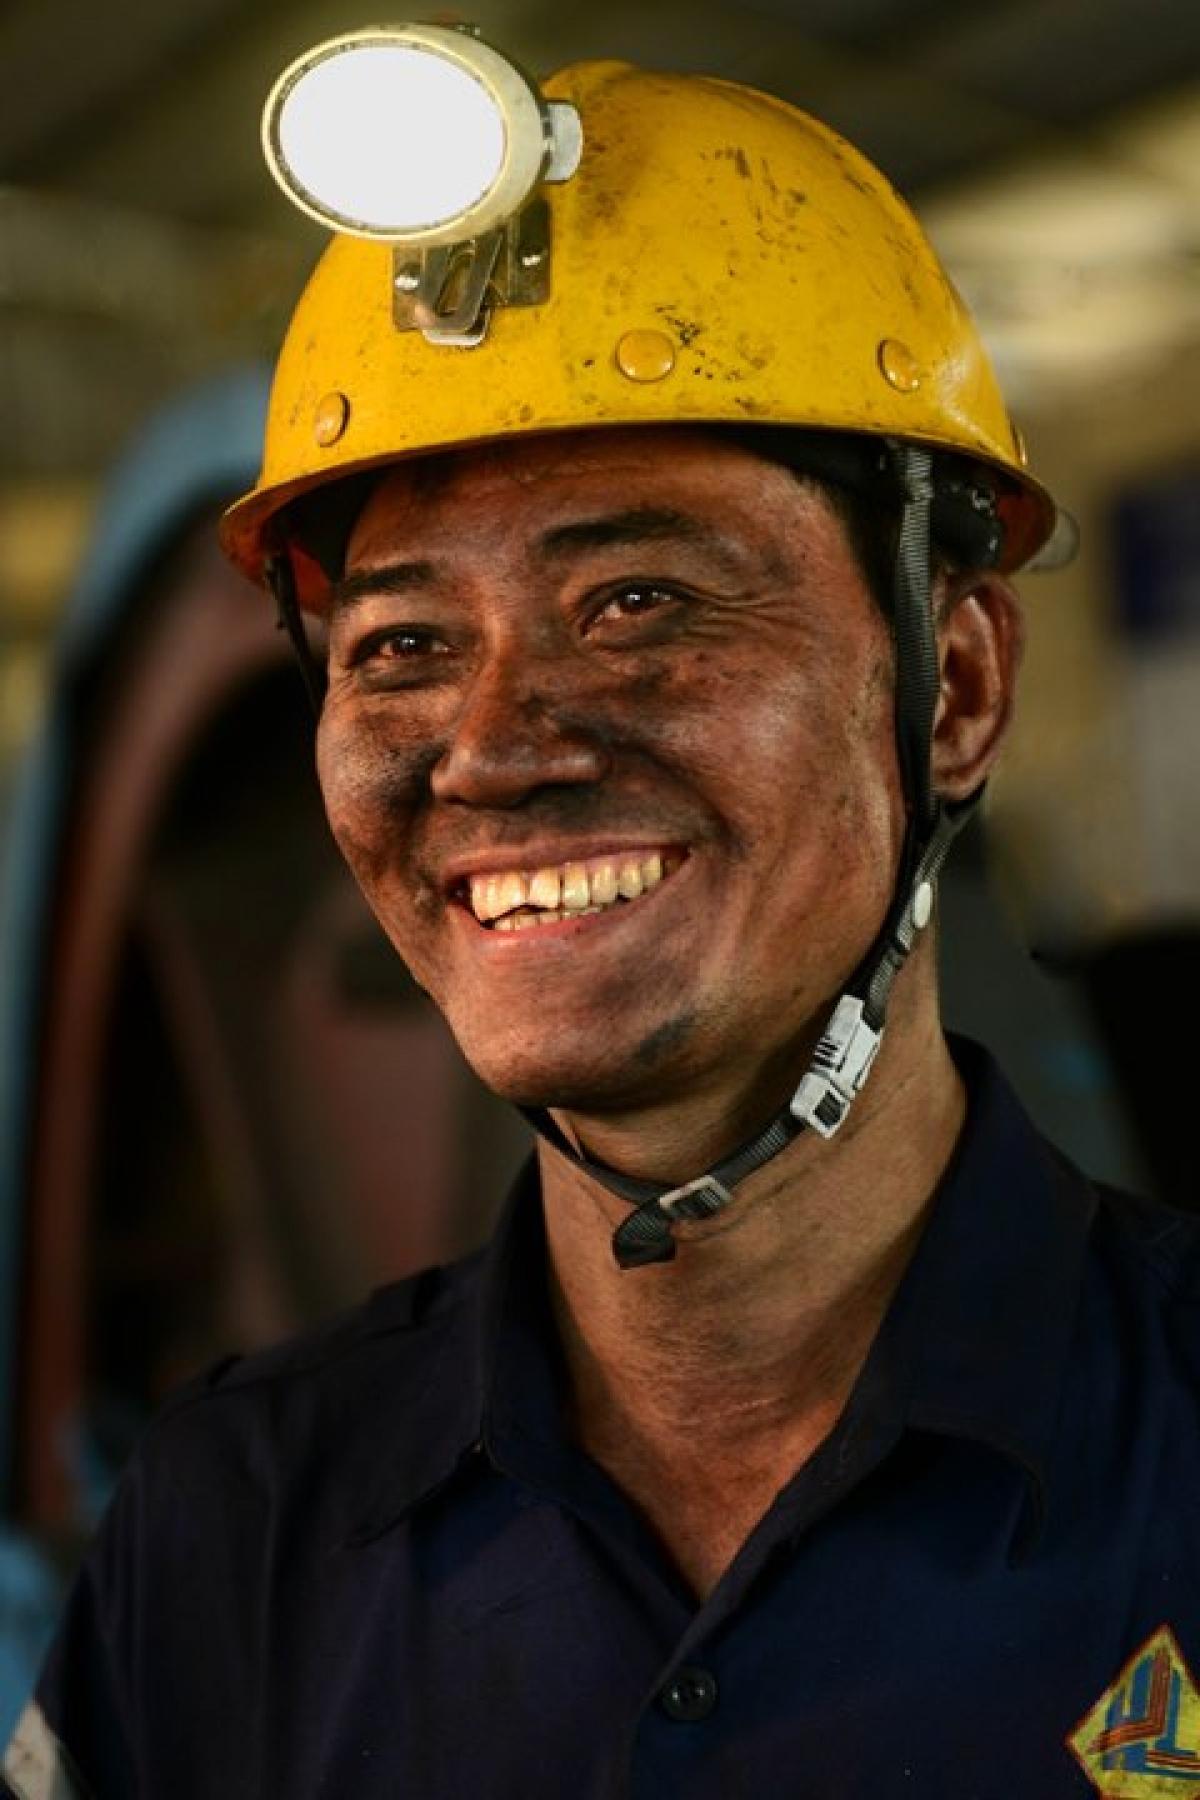 Anh hùng Lao động Nguyễn Trọng Thái- Tổ trưởng sản xuất Công trường kiến thiết cơ bản 1- Công ty Than Hà Lầm.